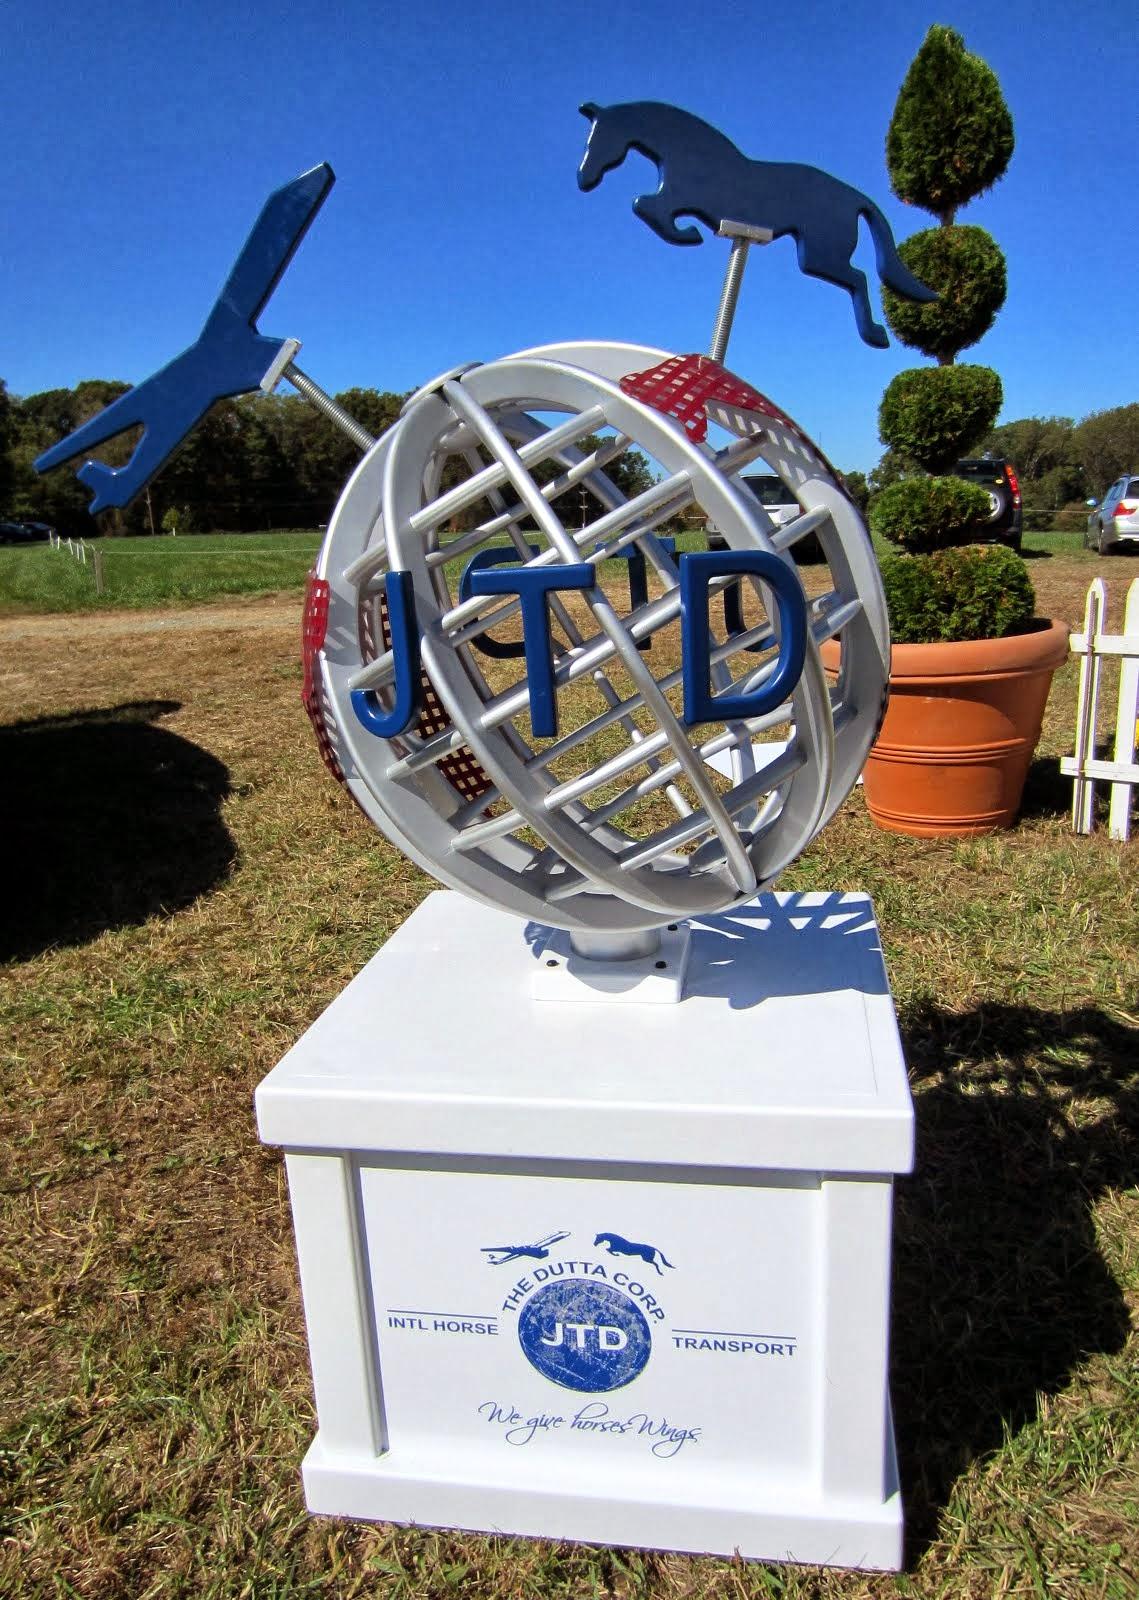 The Dutta Globe